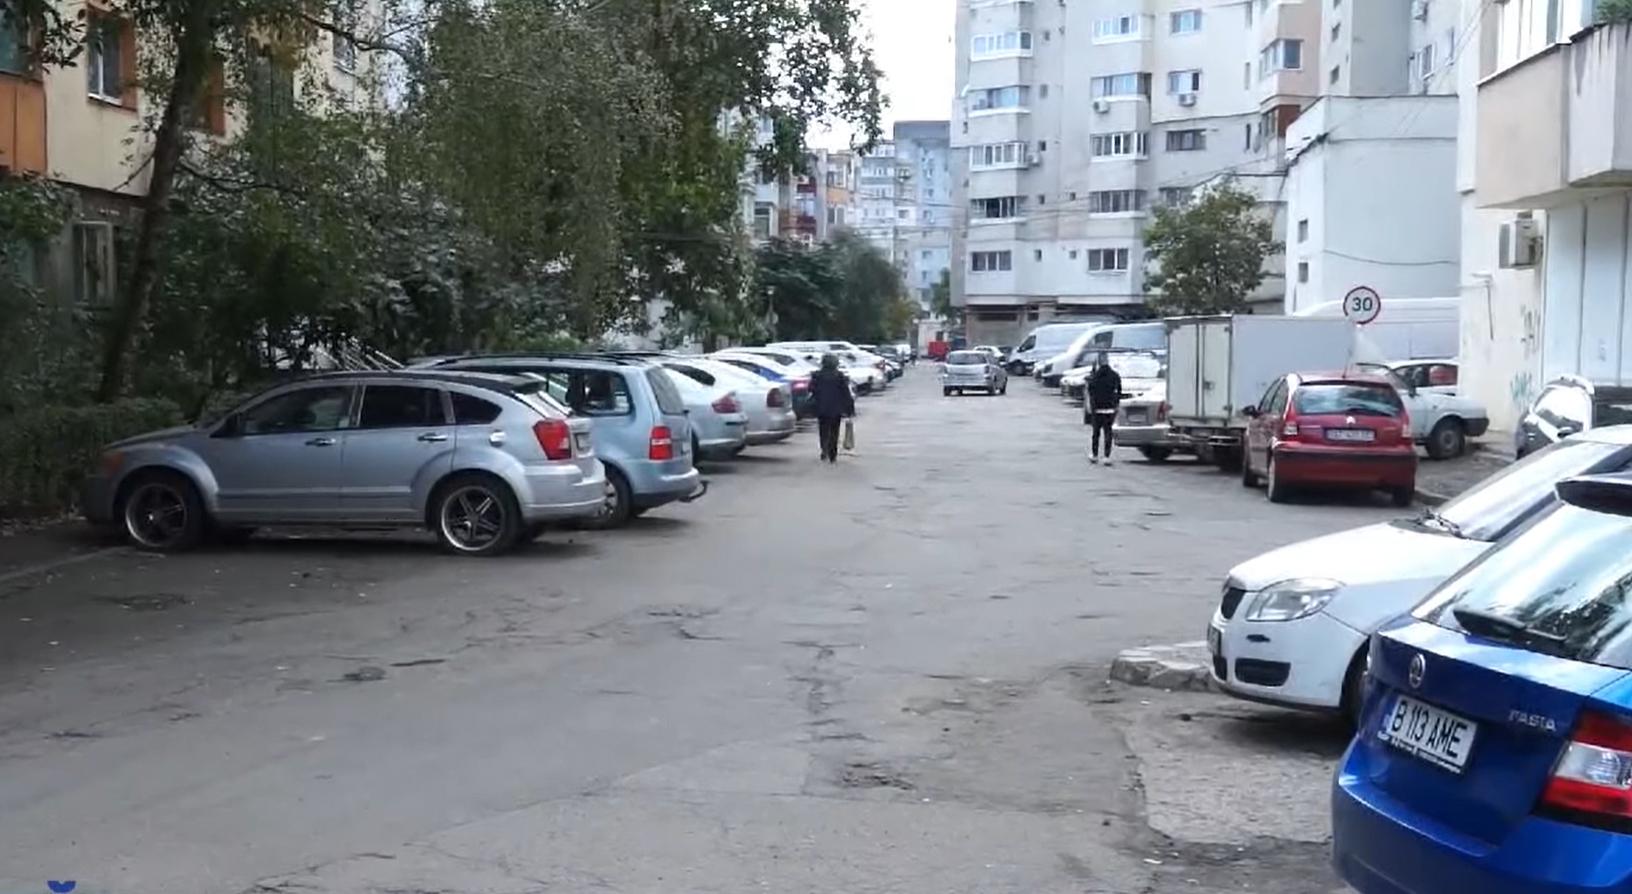 VIDEO Străzile din Buzău aflate în curs de modernizare. Cele mai ample lucrări, pe Transilvaniei și Industriei